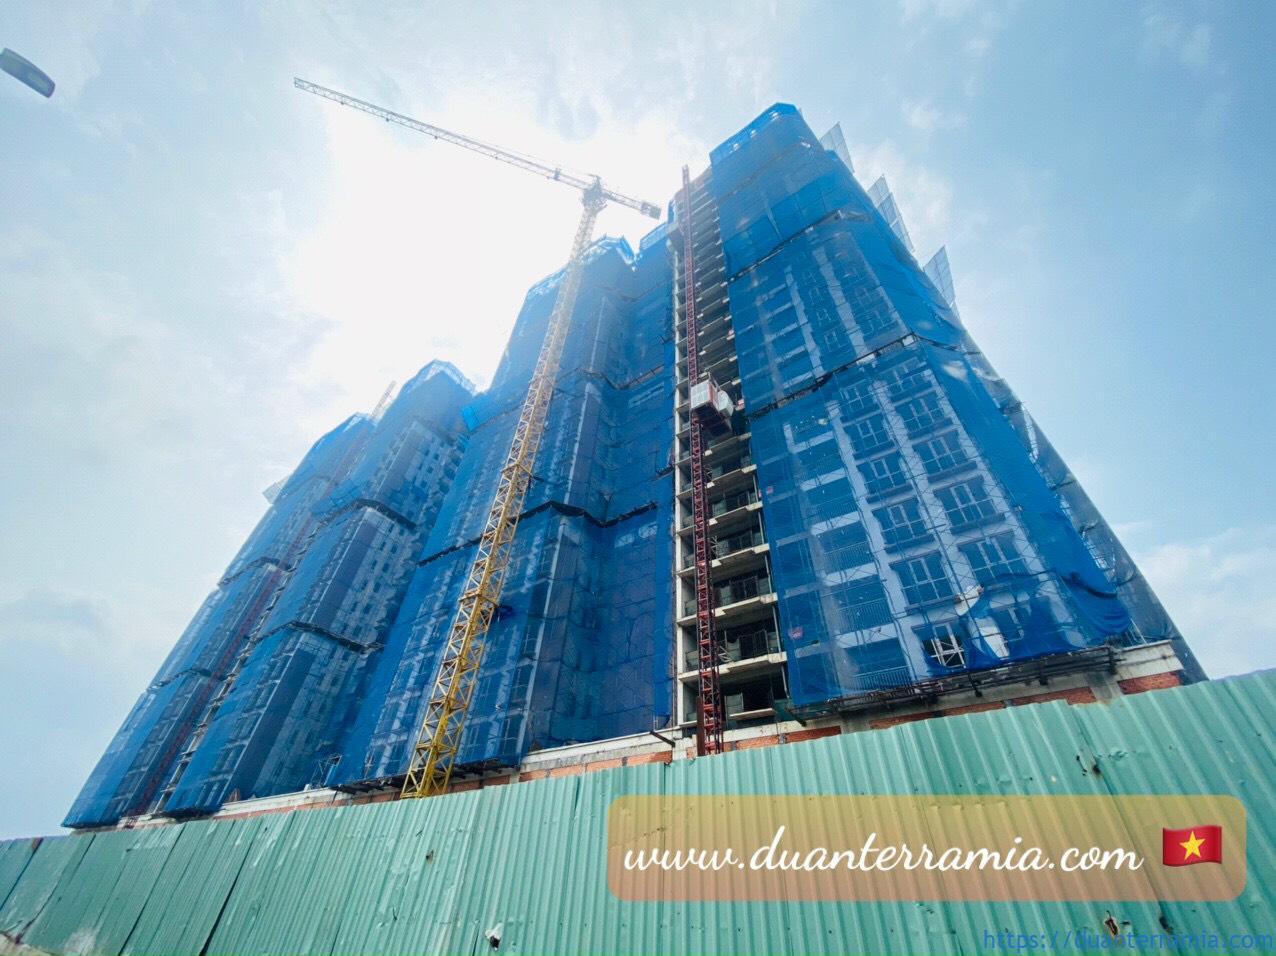 Cập nhật tiến độ xây dựng căn hộ Terra Mia Tháng 4.2021 (3)